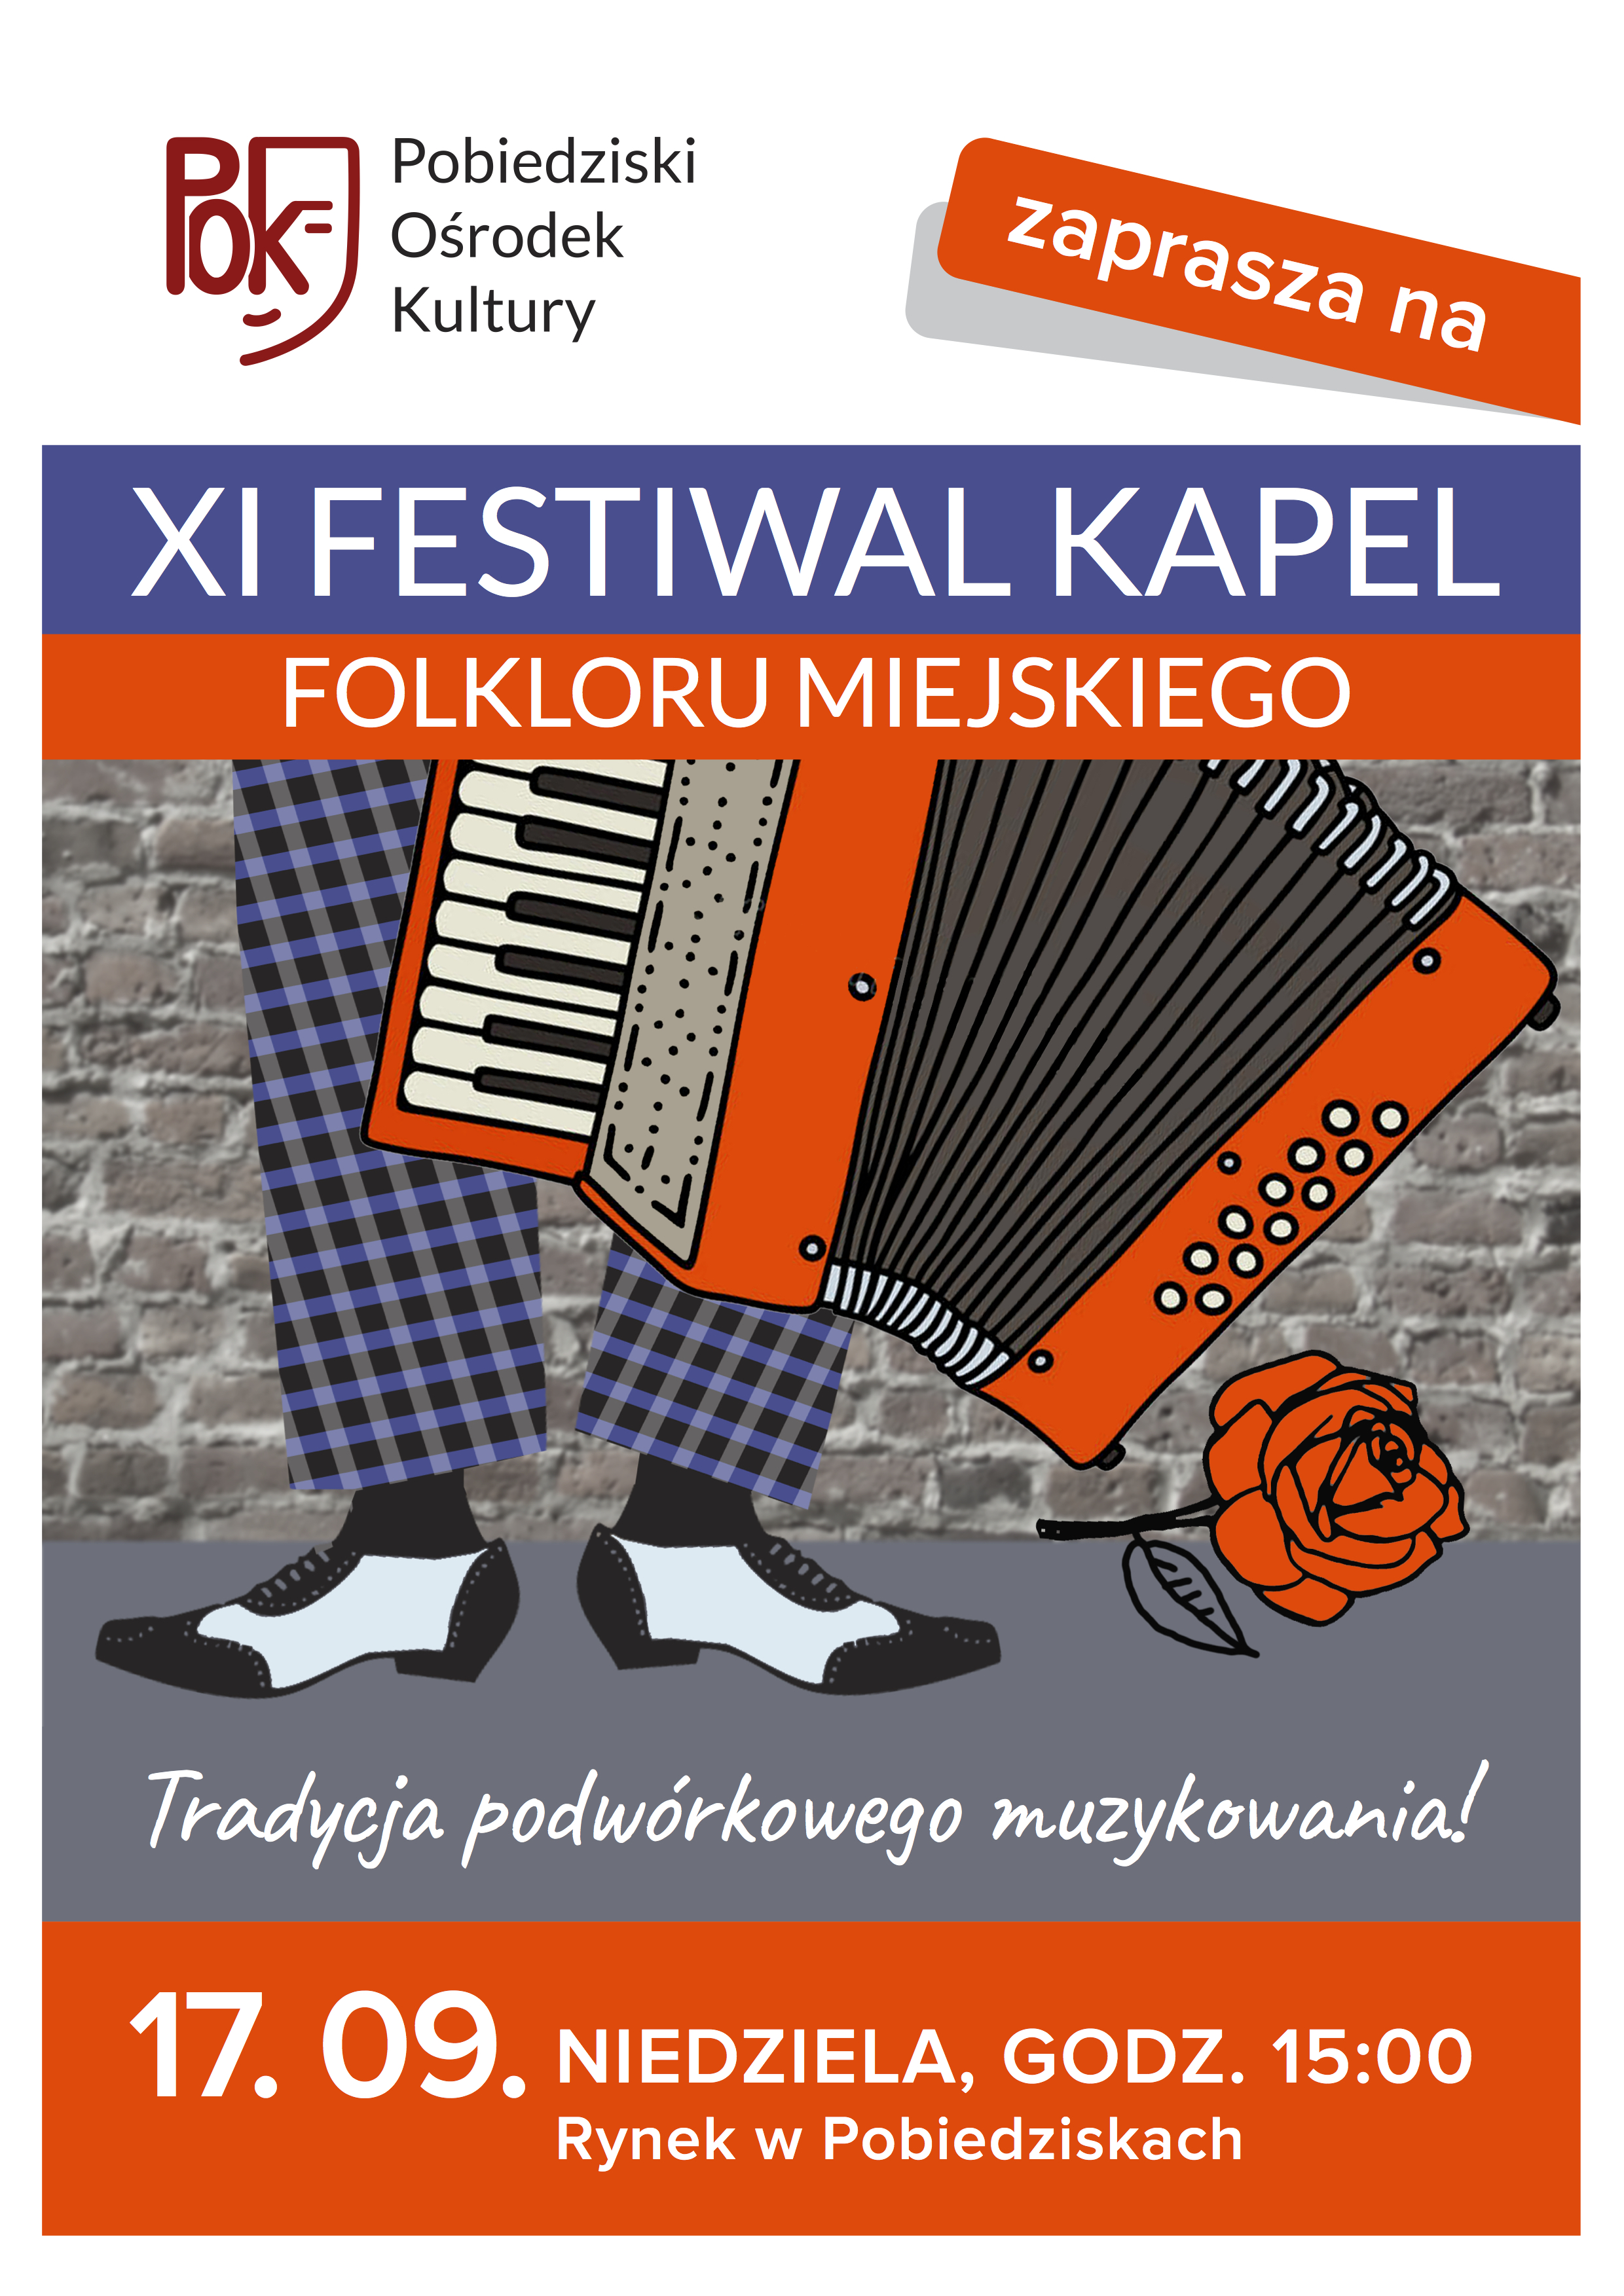 PLAKAT POK FESTIWAL KAPEL 2017